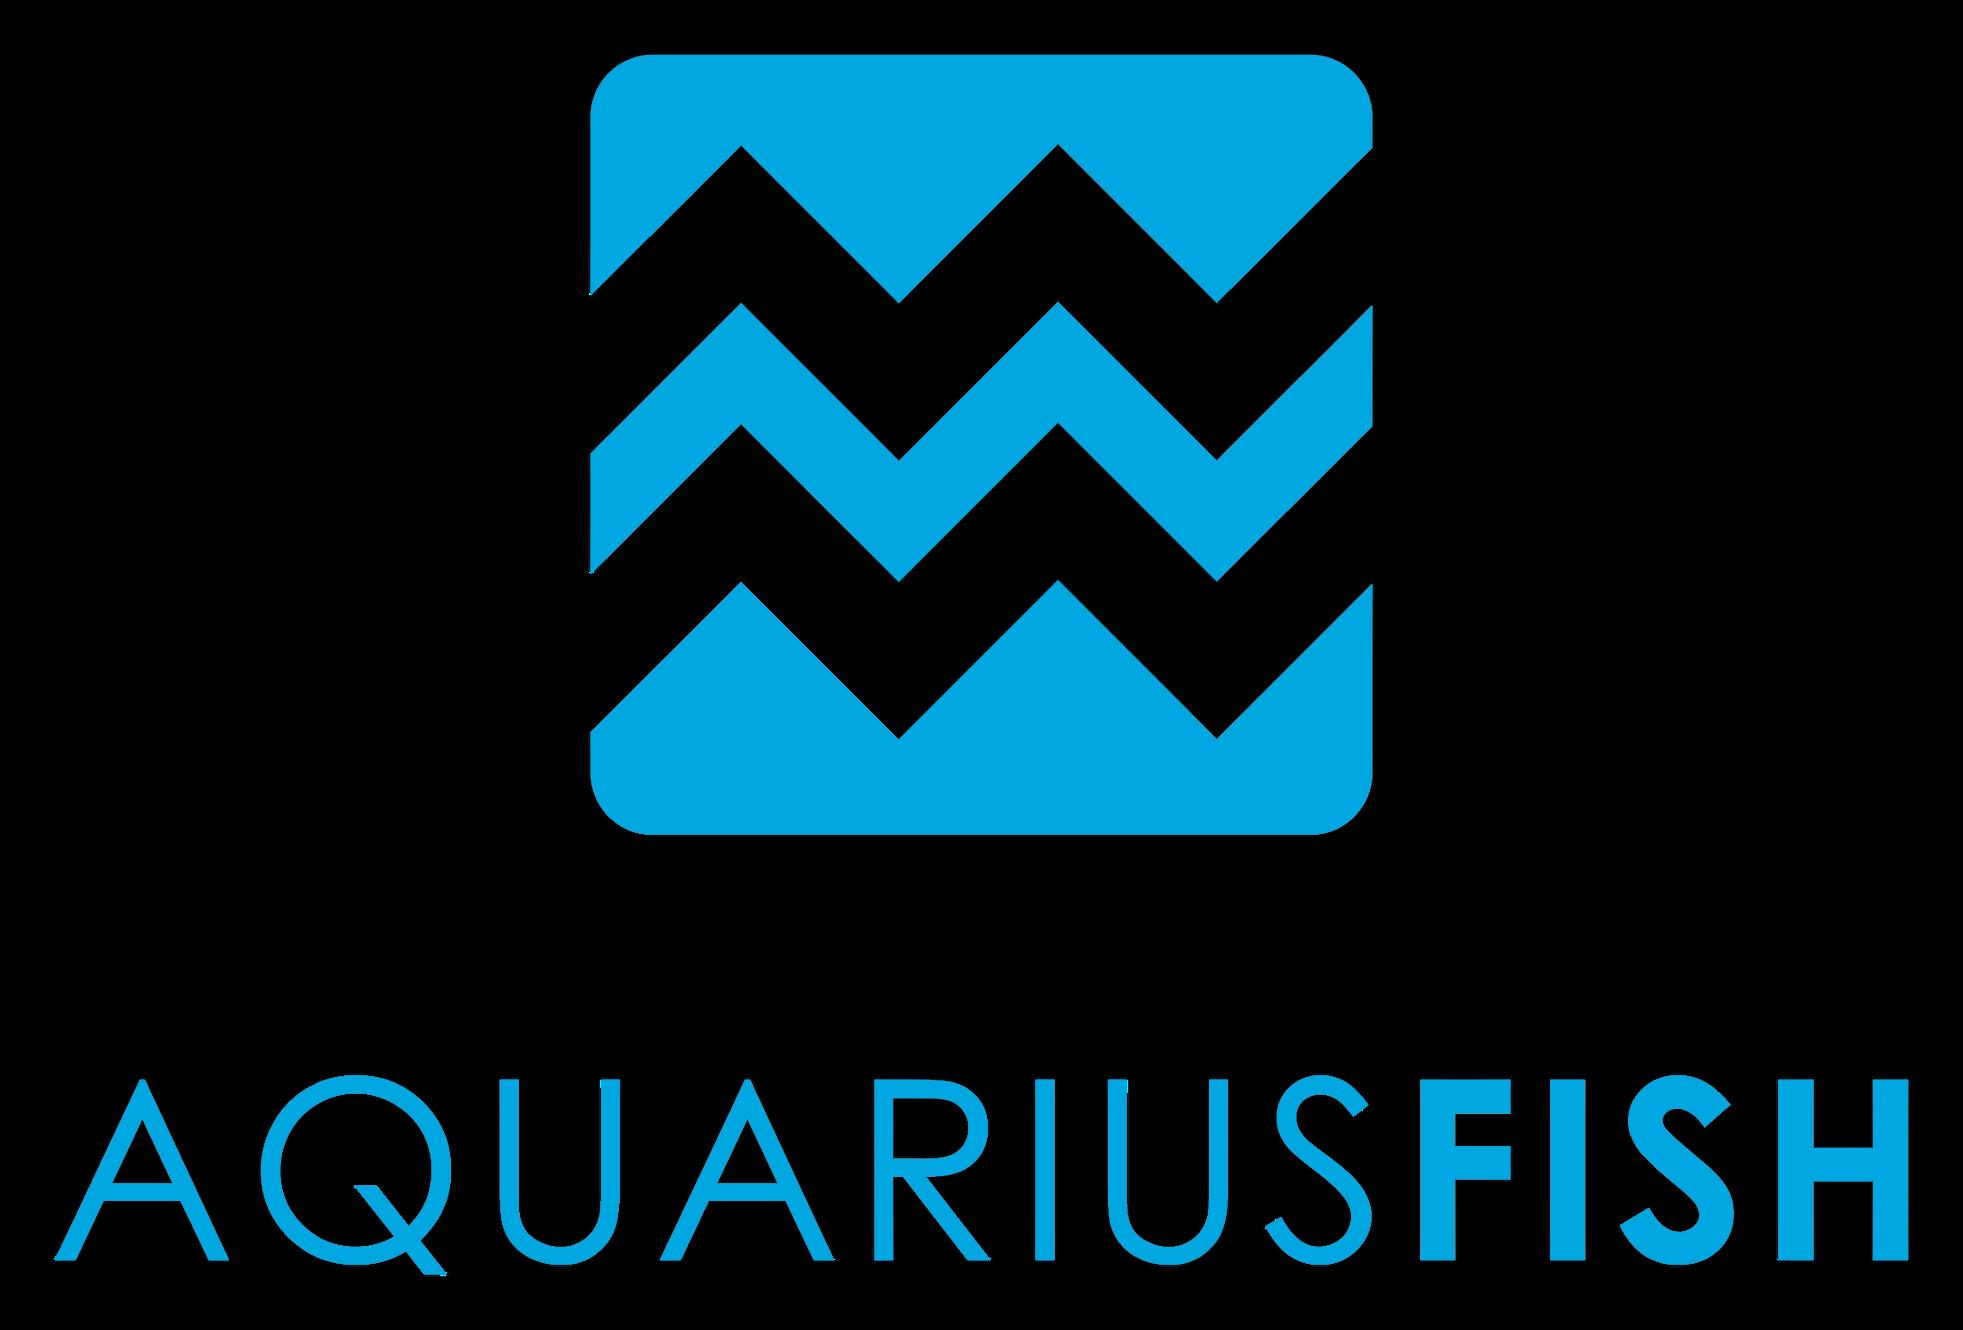 Aquarius Fish Co